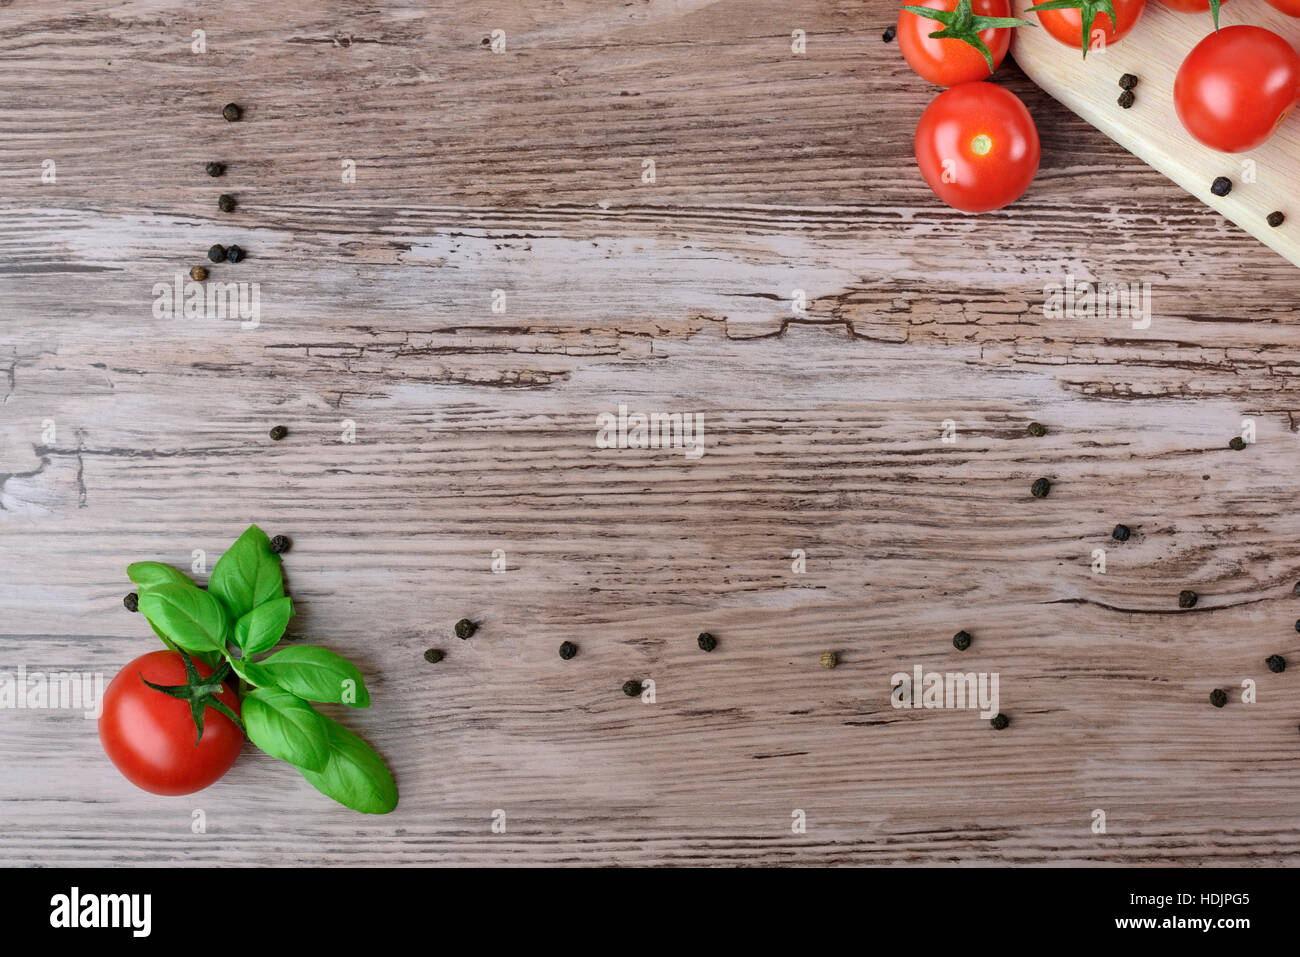 Klettergerüst Tomate : Ein rahmen stockfotos & bilder alamy